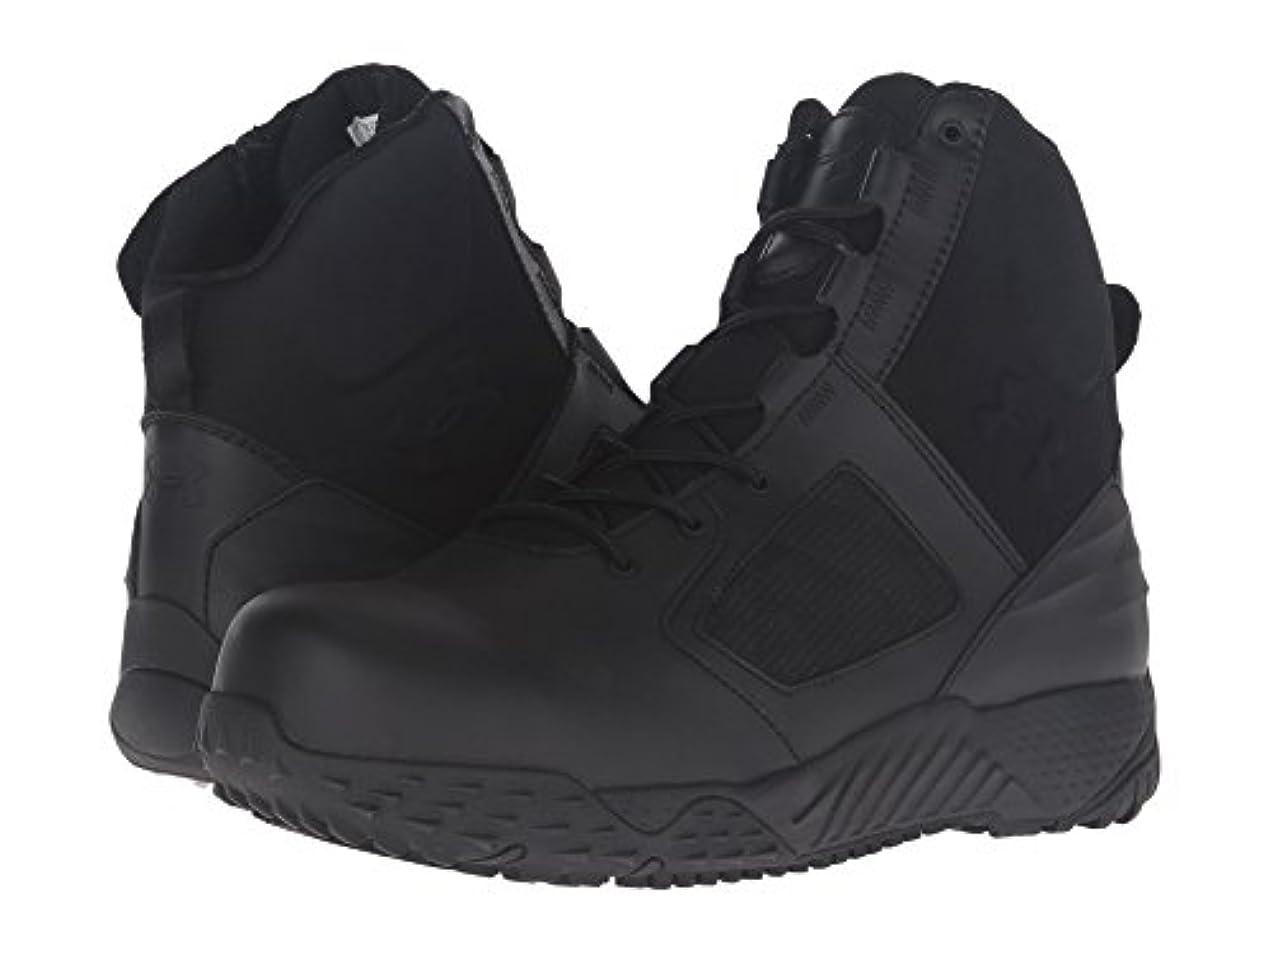 敬な瞳誇りに思う(アンダーアーマー) UNDER ARMOUR メンズブーツ?靴 UA Tac Zip 2.0 Protect Black/Black 12 (30cm) D - Medium